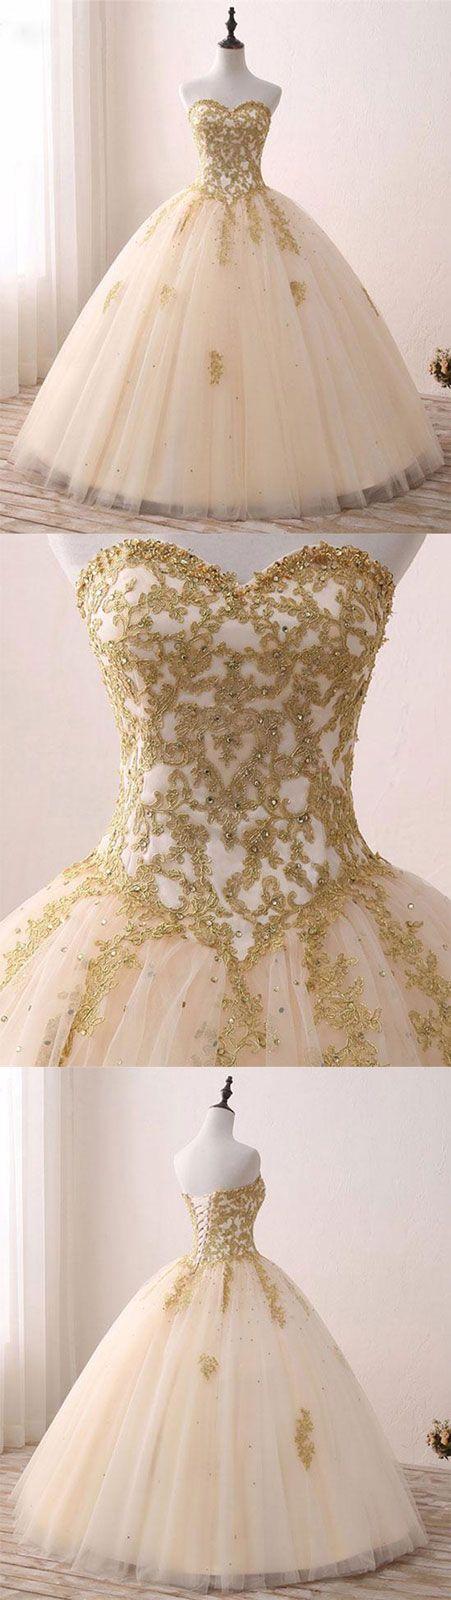 Vestido que parece blanco y dorado